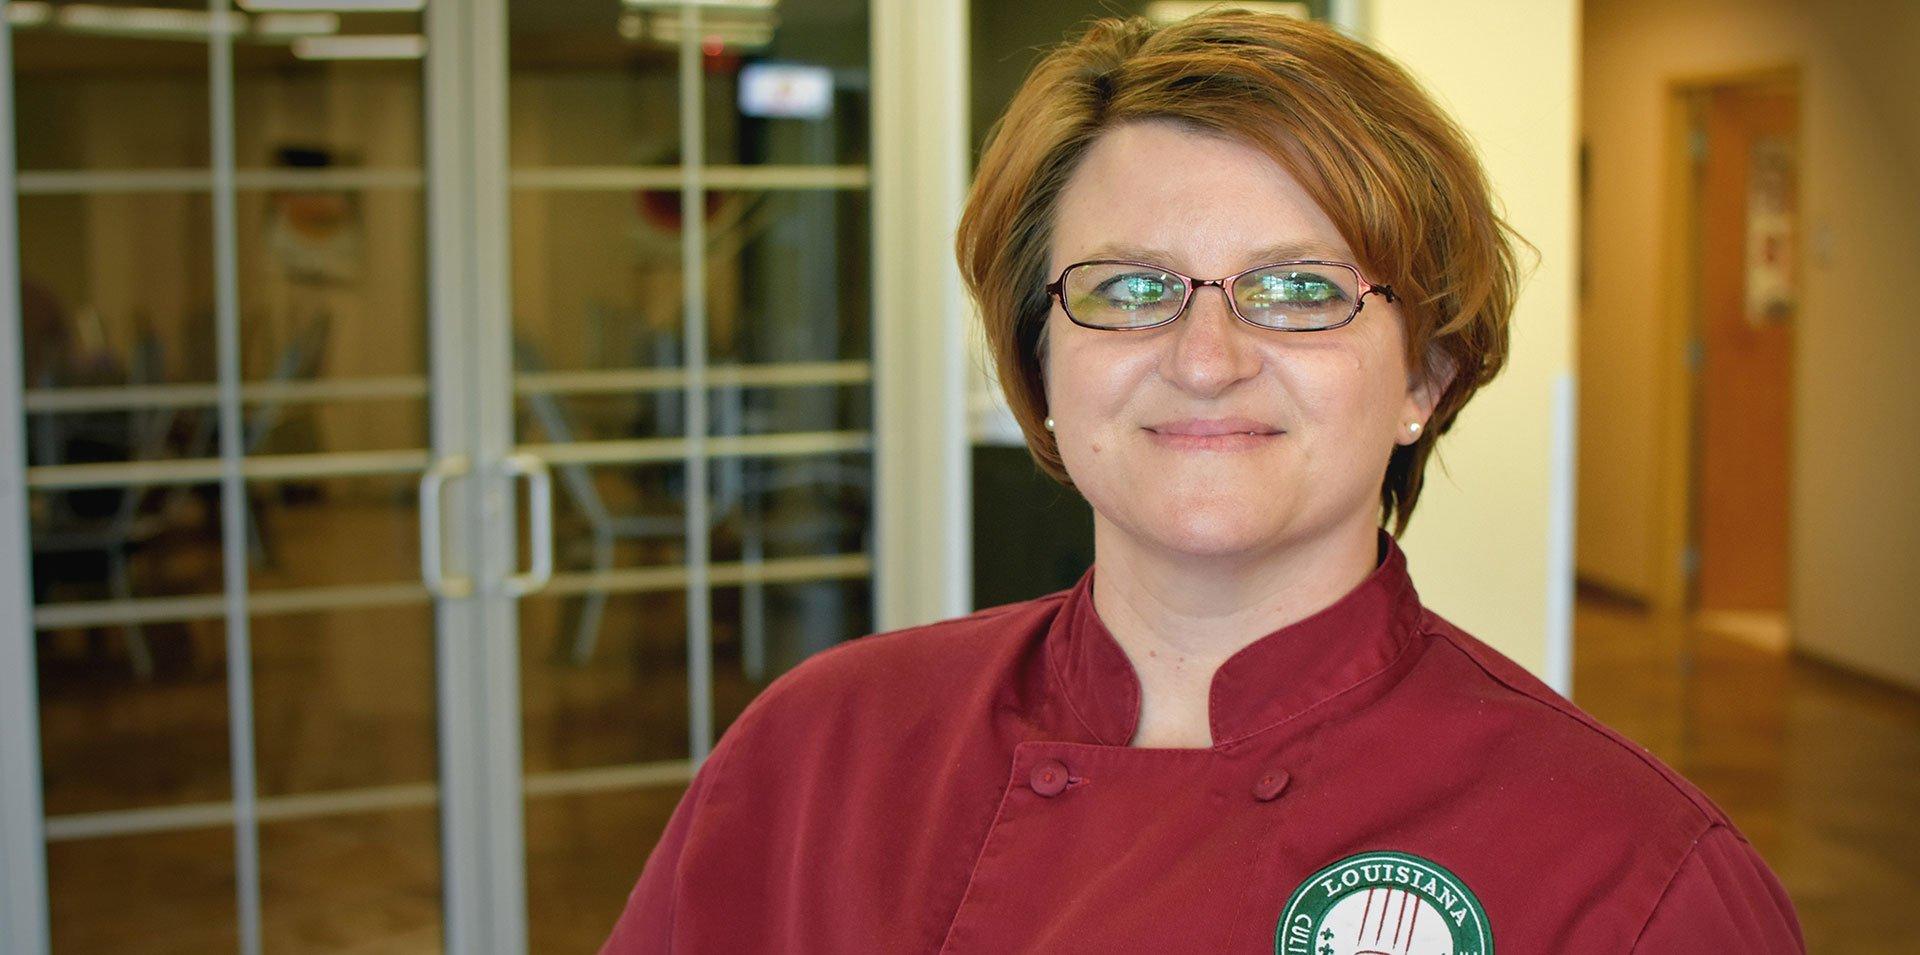 Nicole Biddy Pantry Chef at LCI